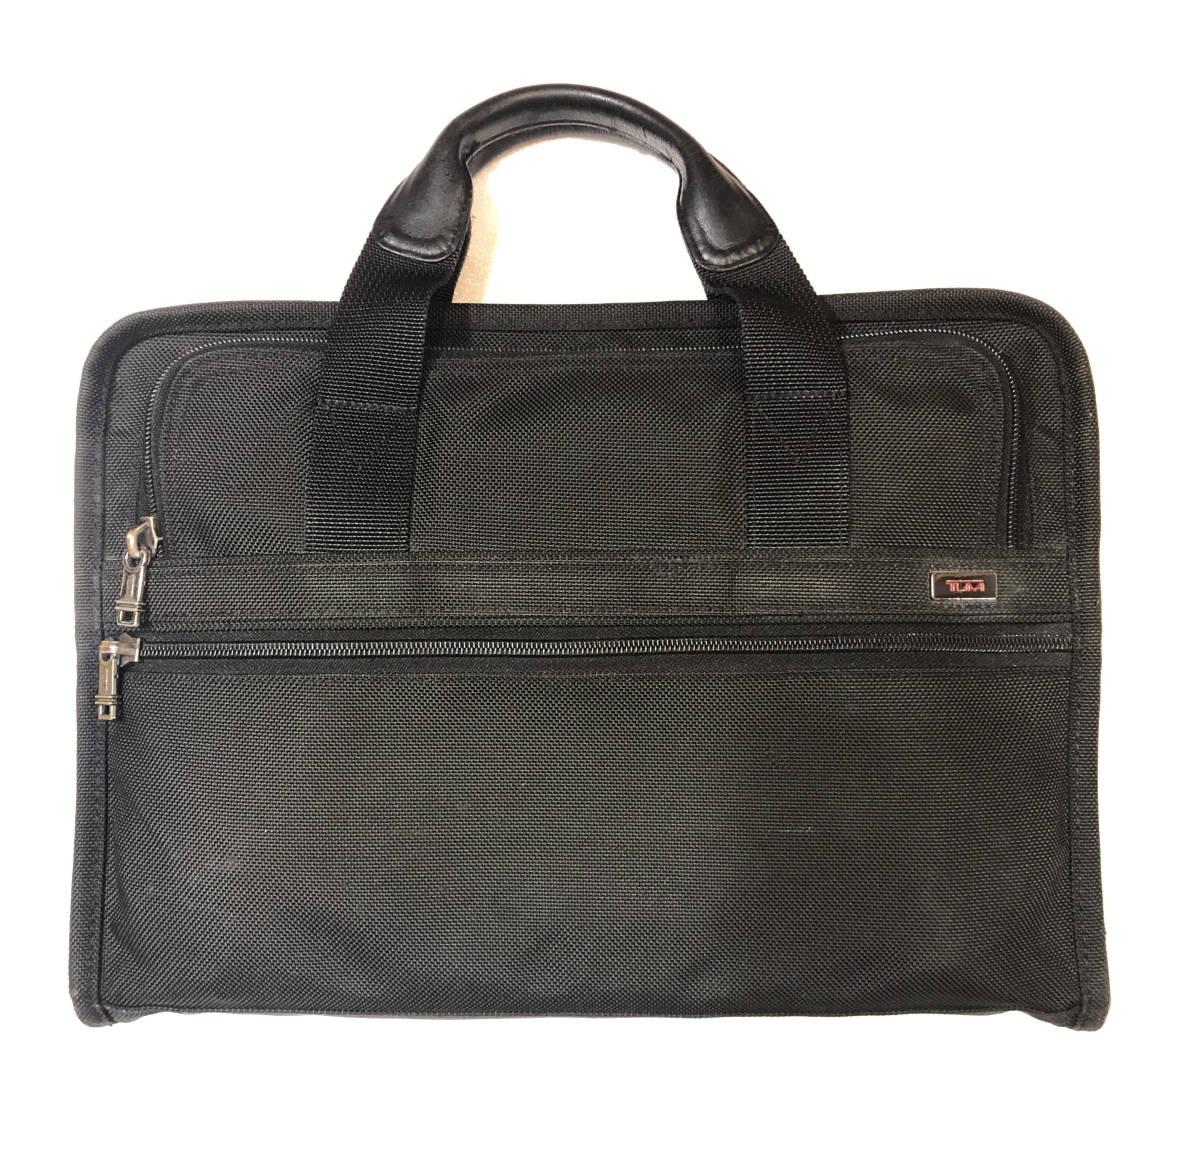 TUMI トゥミ メンズ ブリーフケース ブラック 黒 ビジネスバッグ 中古品